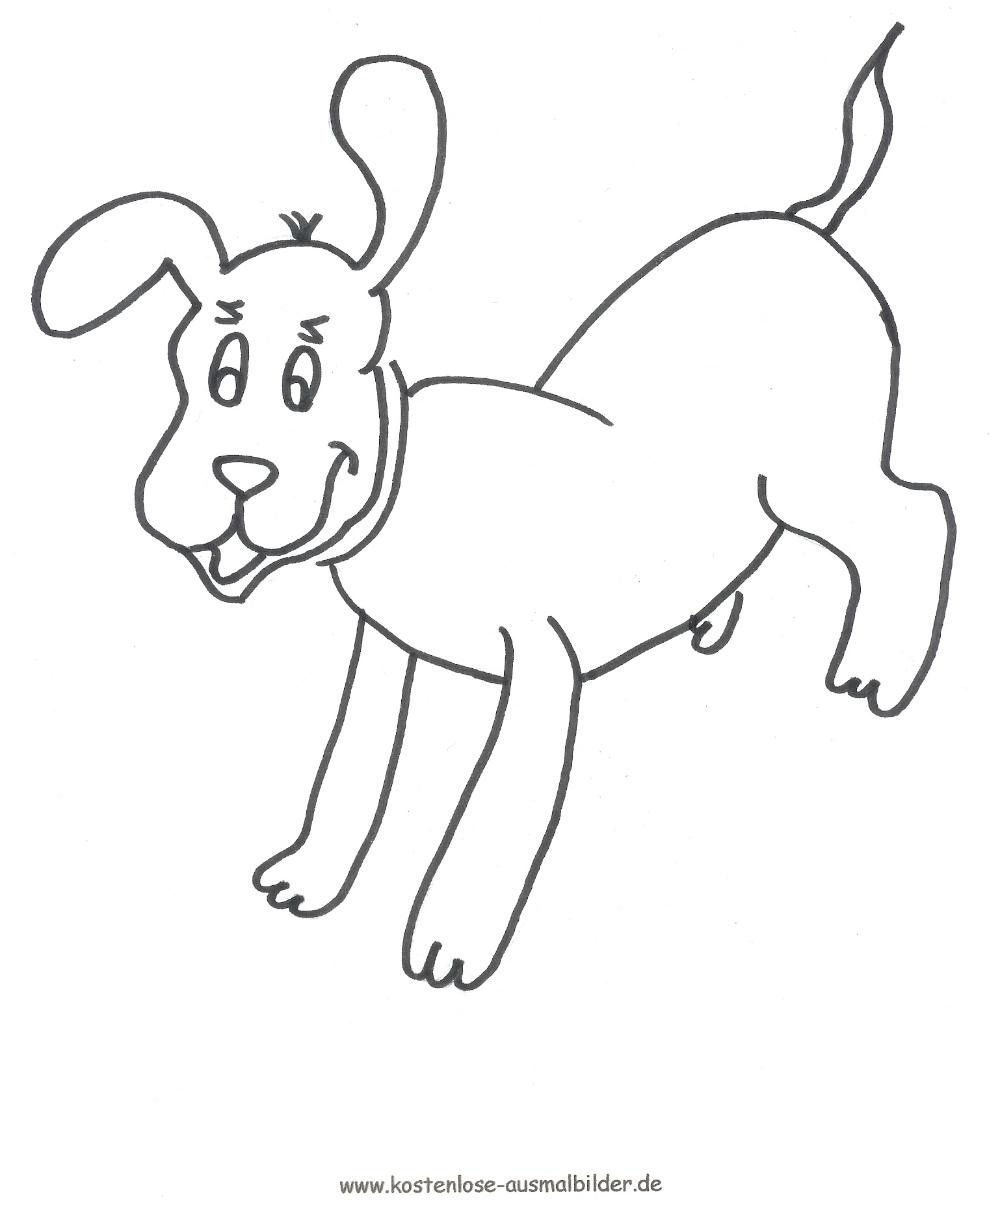 Ausmalbild Welpe   Ausmalbilder hunde, Welpen, Hunde